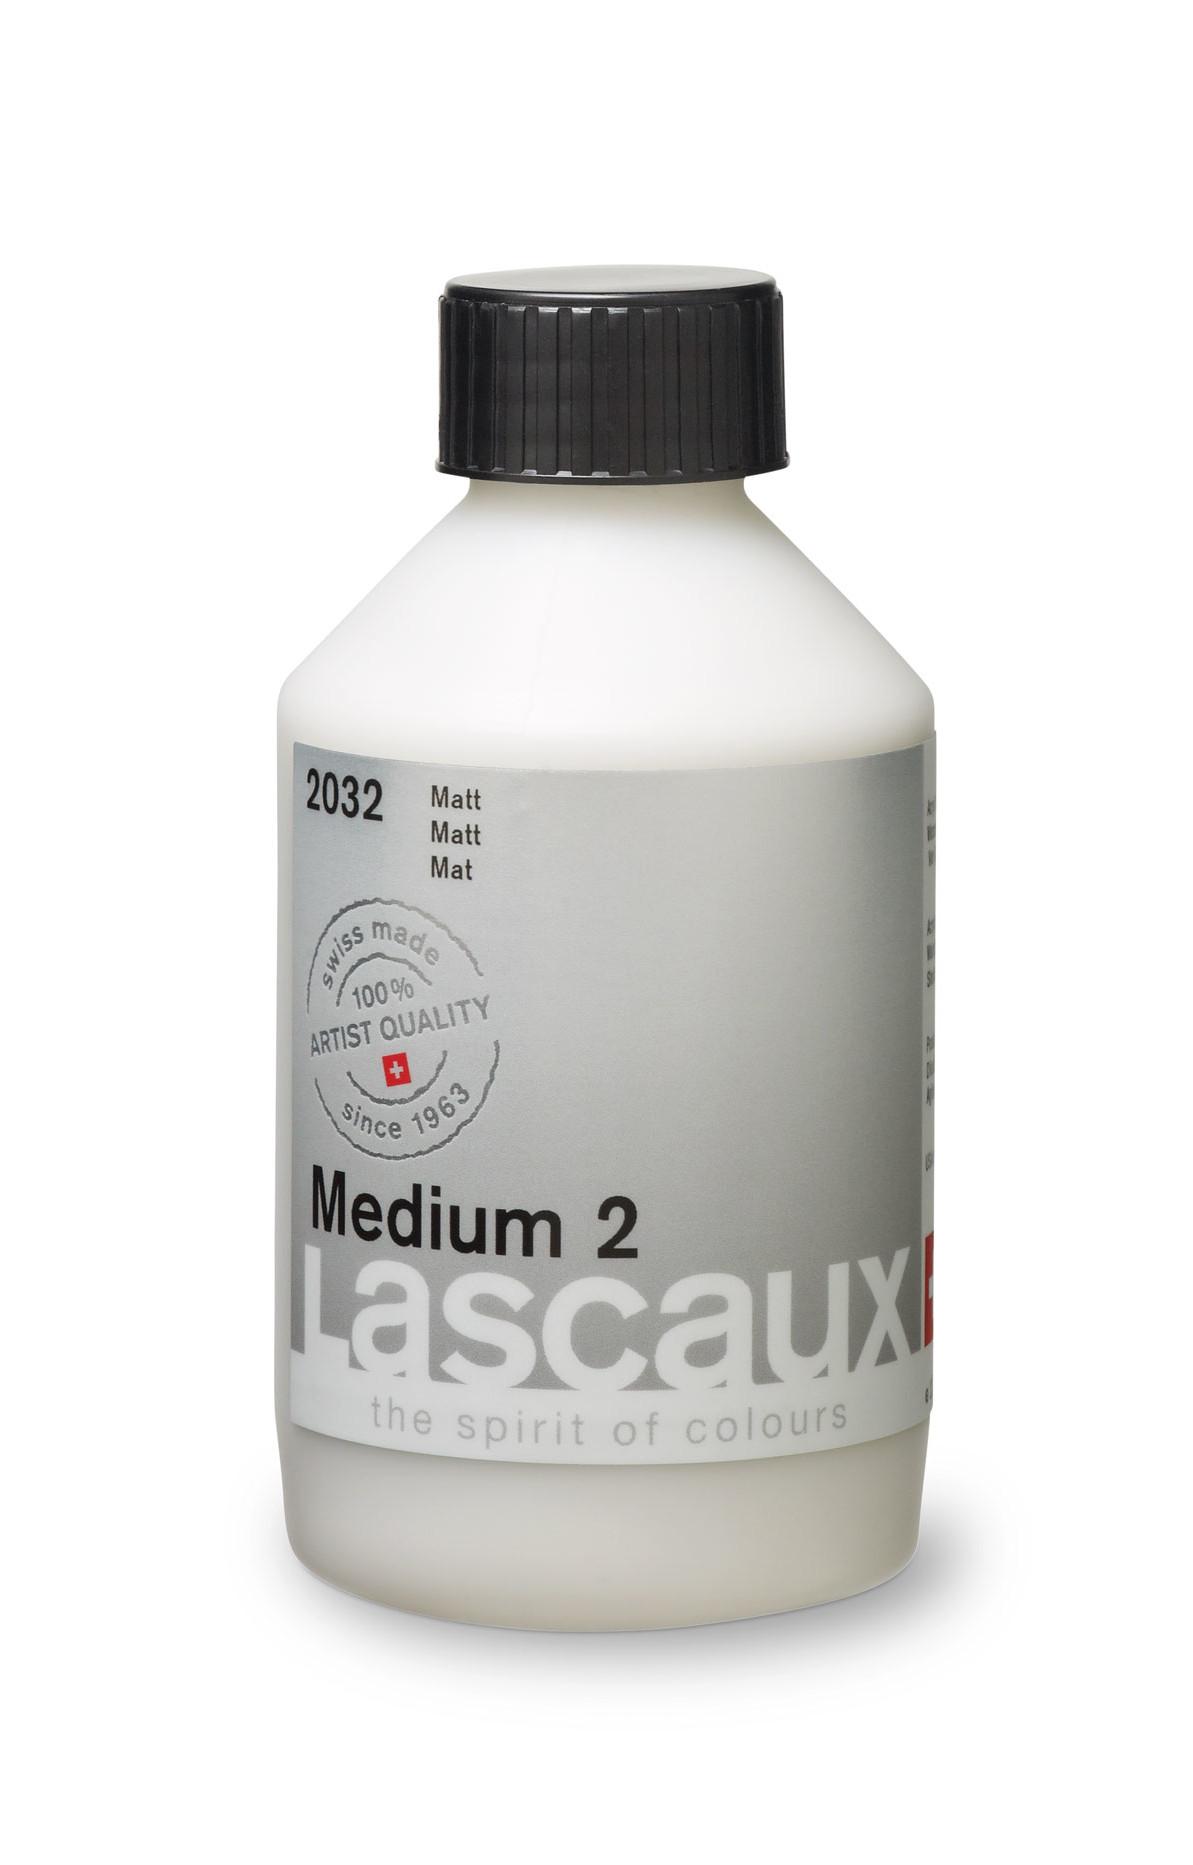 Lascaux mat medium